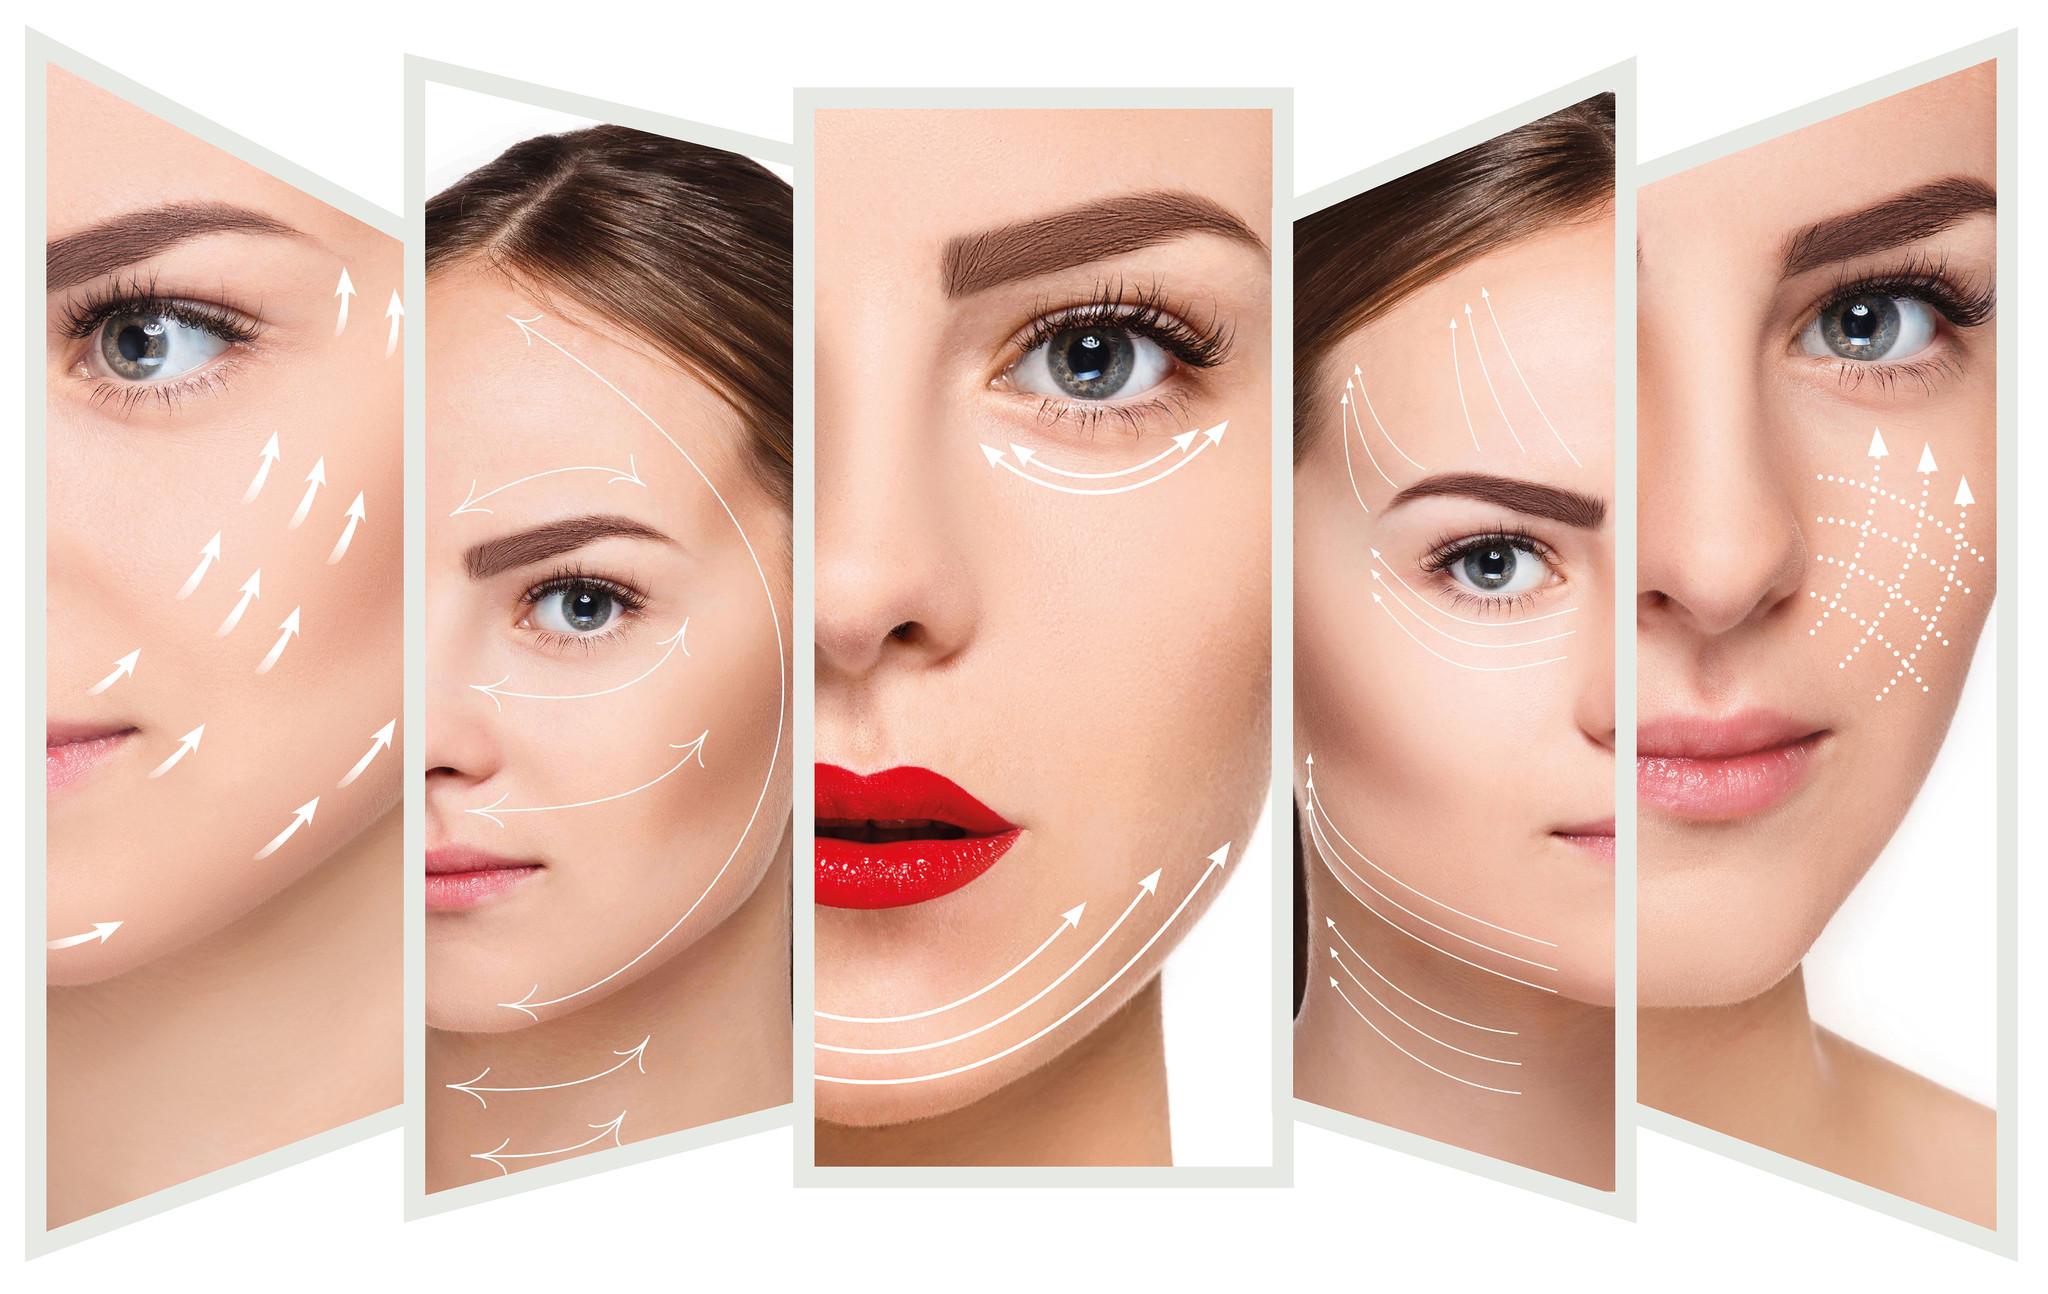 De onontbeerlijke begeleiding van cosmetica na esthetische ingrepen